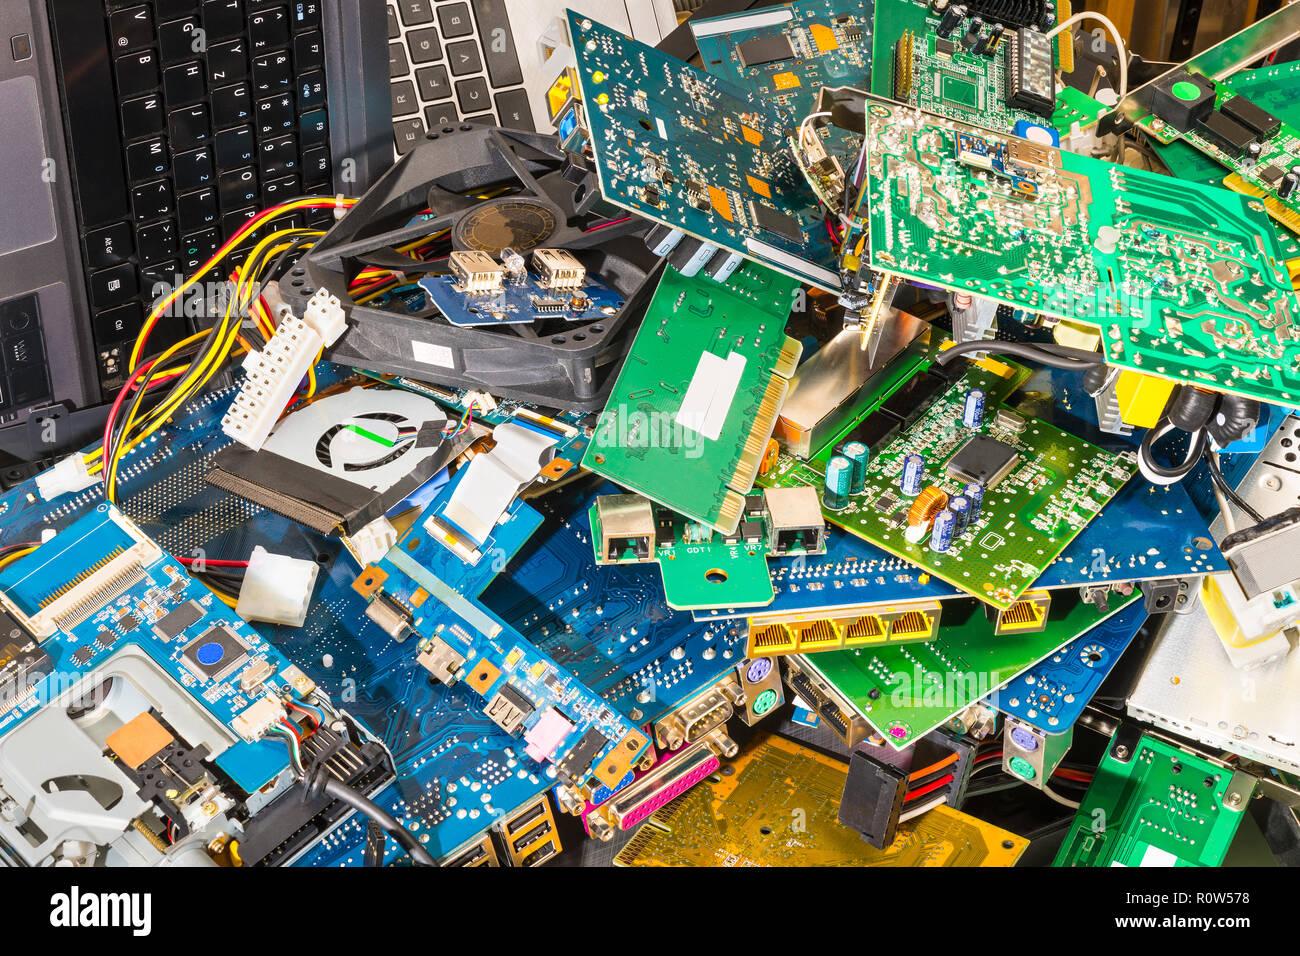 E-pila de desechos desde descartado piezas portátil. Conectores, PCB, los teclados de portátiles. Fondo de colores de los componentes de la PC. Reciclaje de residuos electrónicos. Imagen De Stock